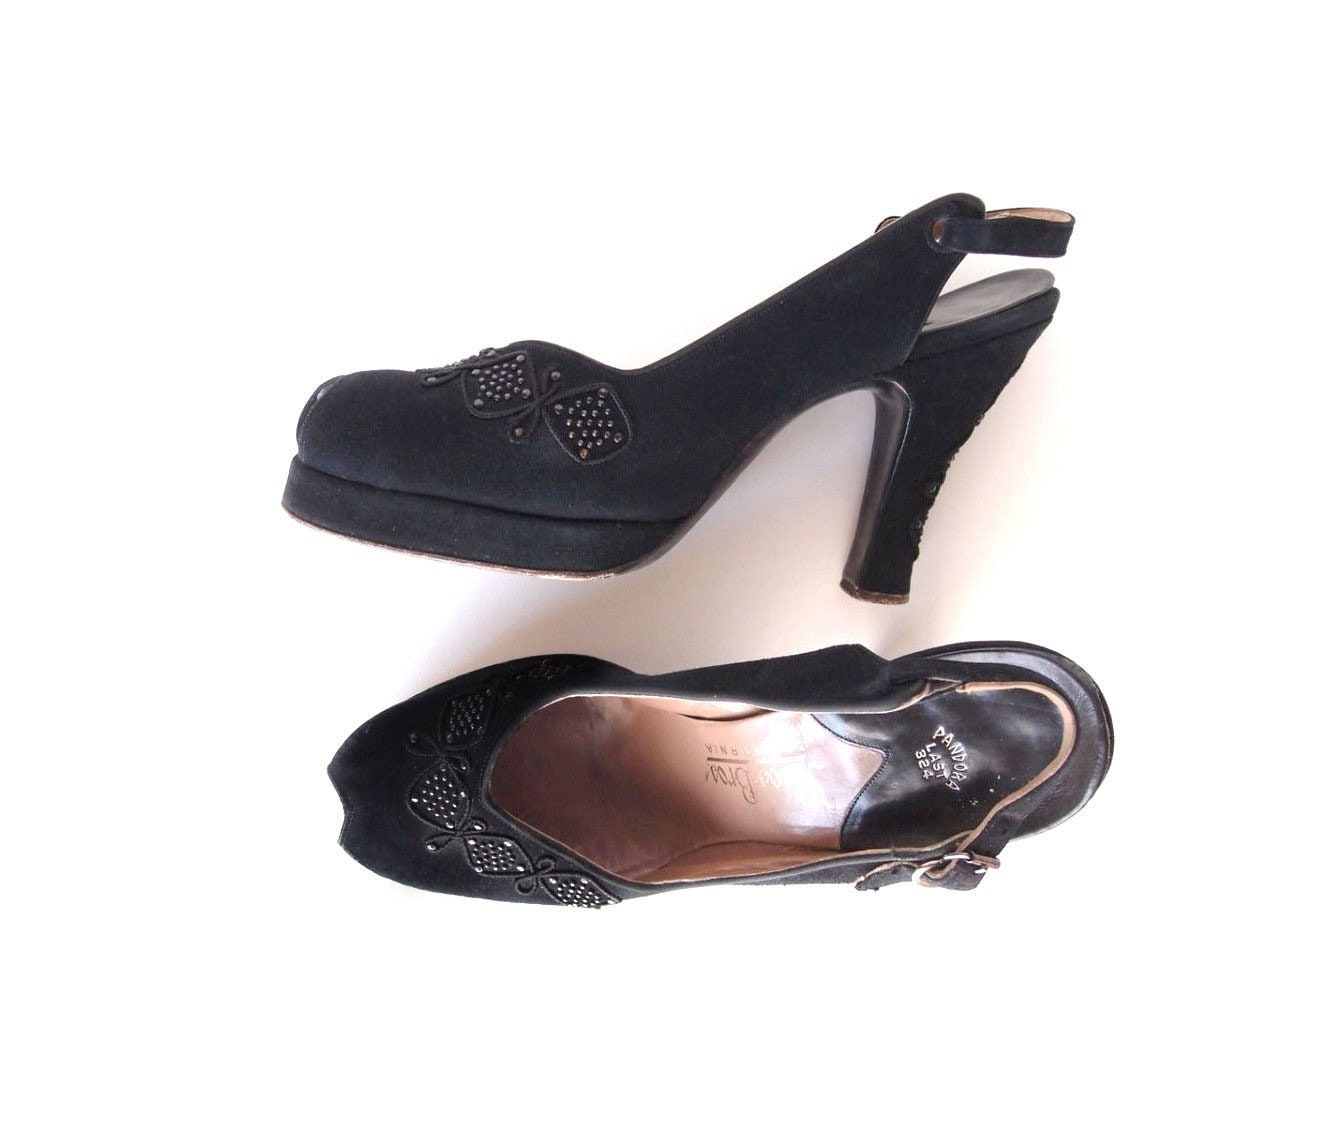 années 1940 peep-Toe escarpins Pandora chaussures daim noir luxe Suède cordon marcassite boucles d'oreilles ruban cordon Suède 4 '' de haut talon plateforme chaussures sz 6.5 ebd981